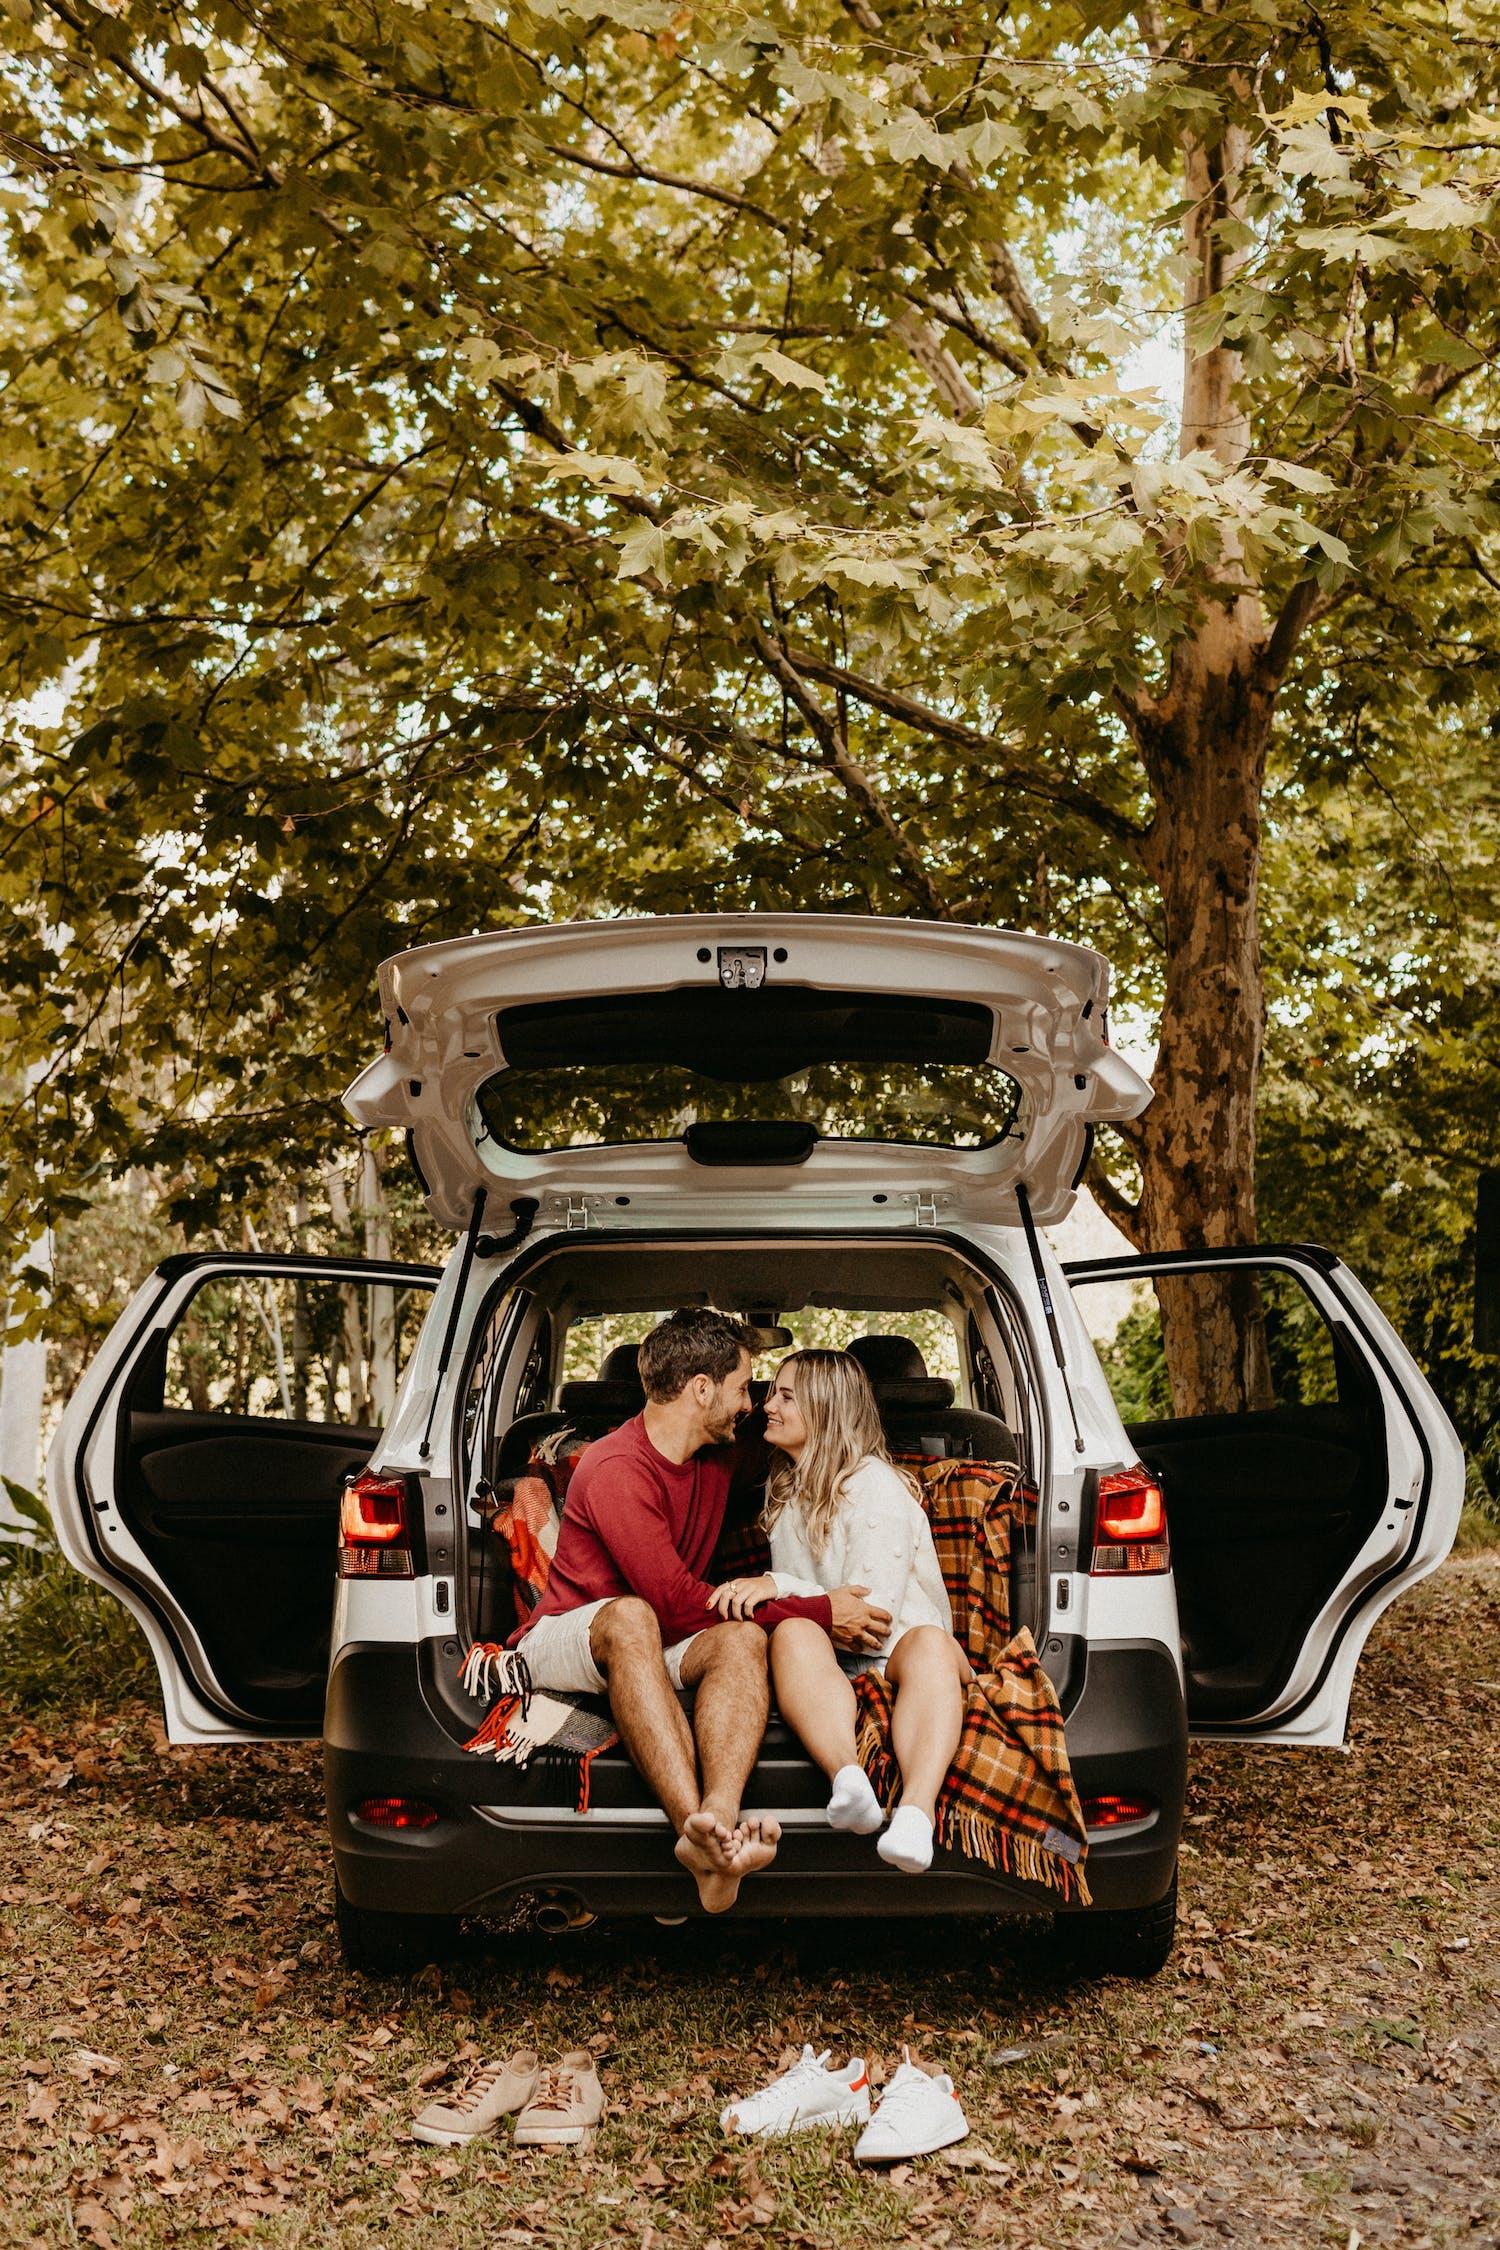 Foto De Casal Sentado Na Parte De Trás Do Carro